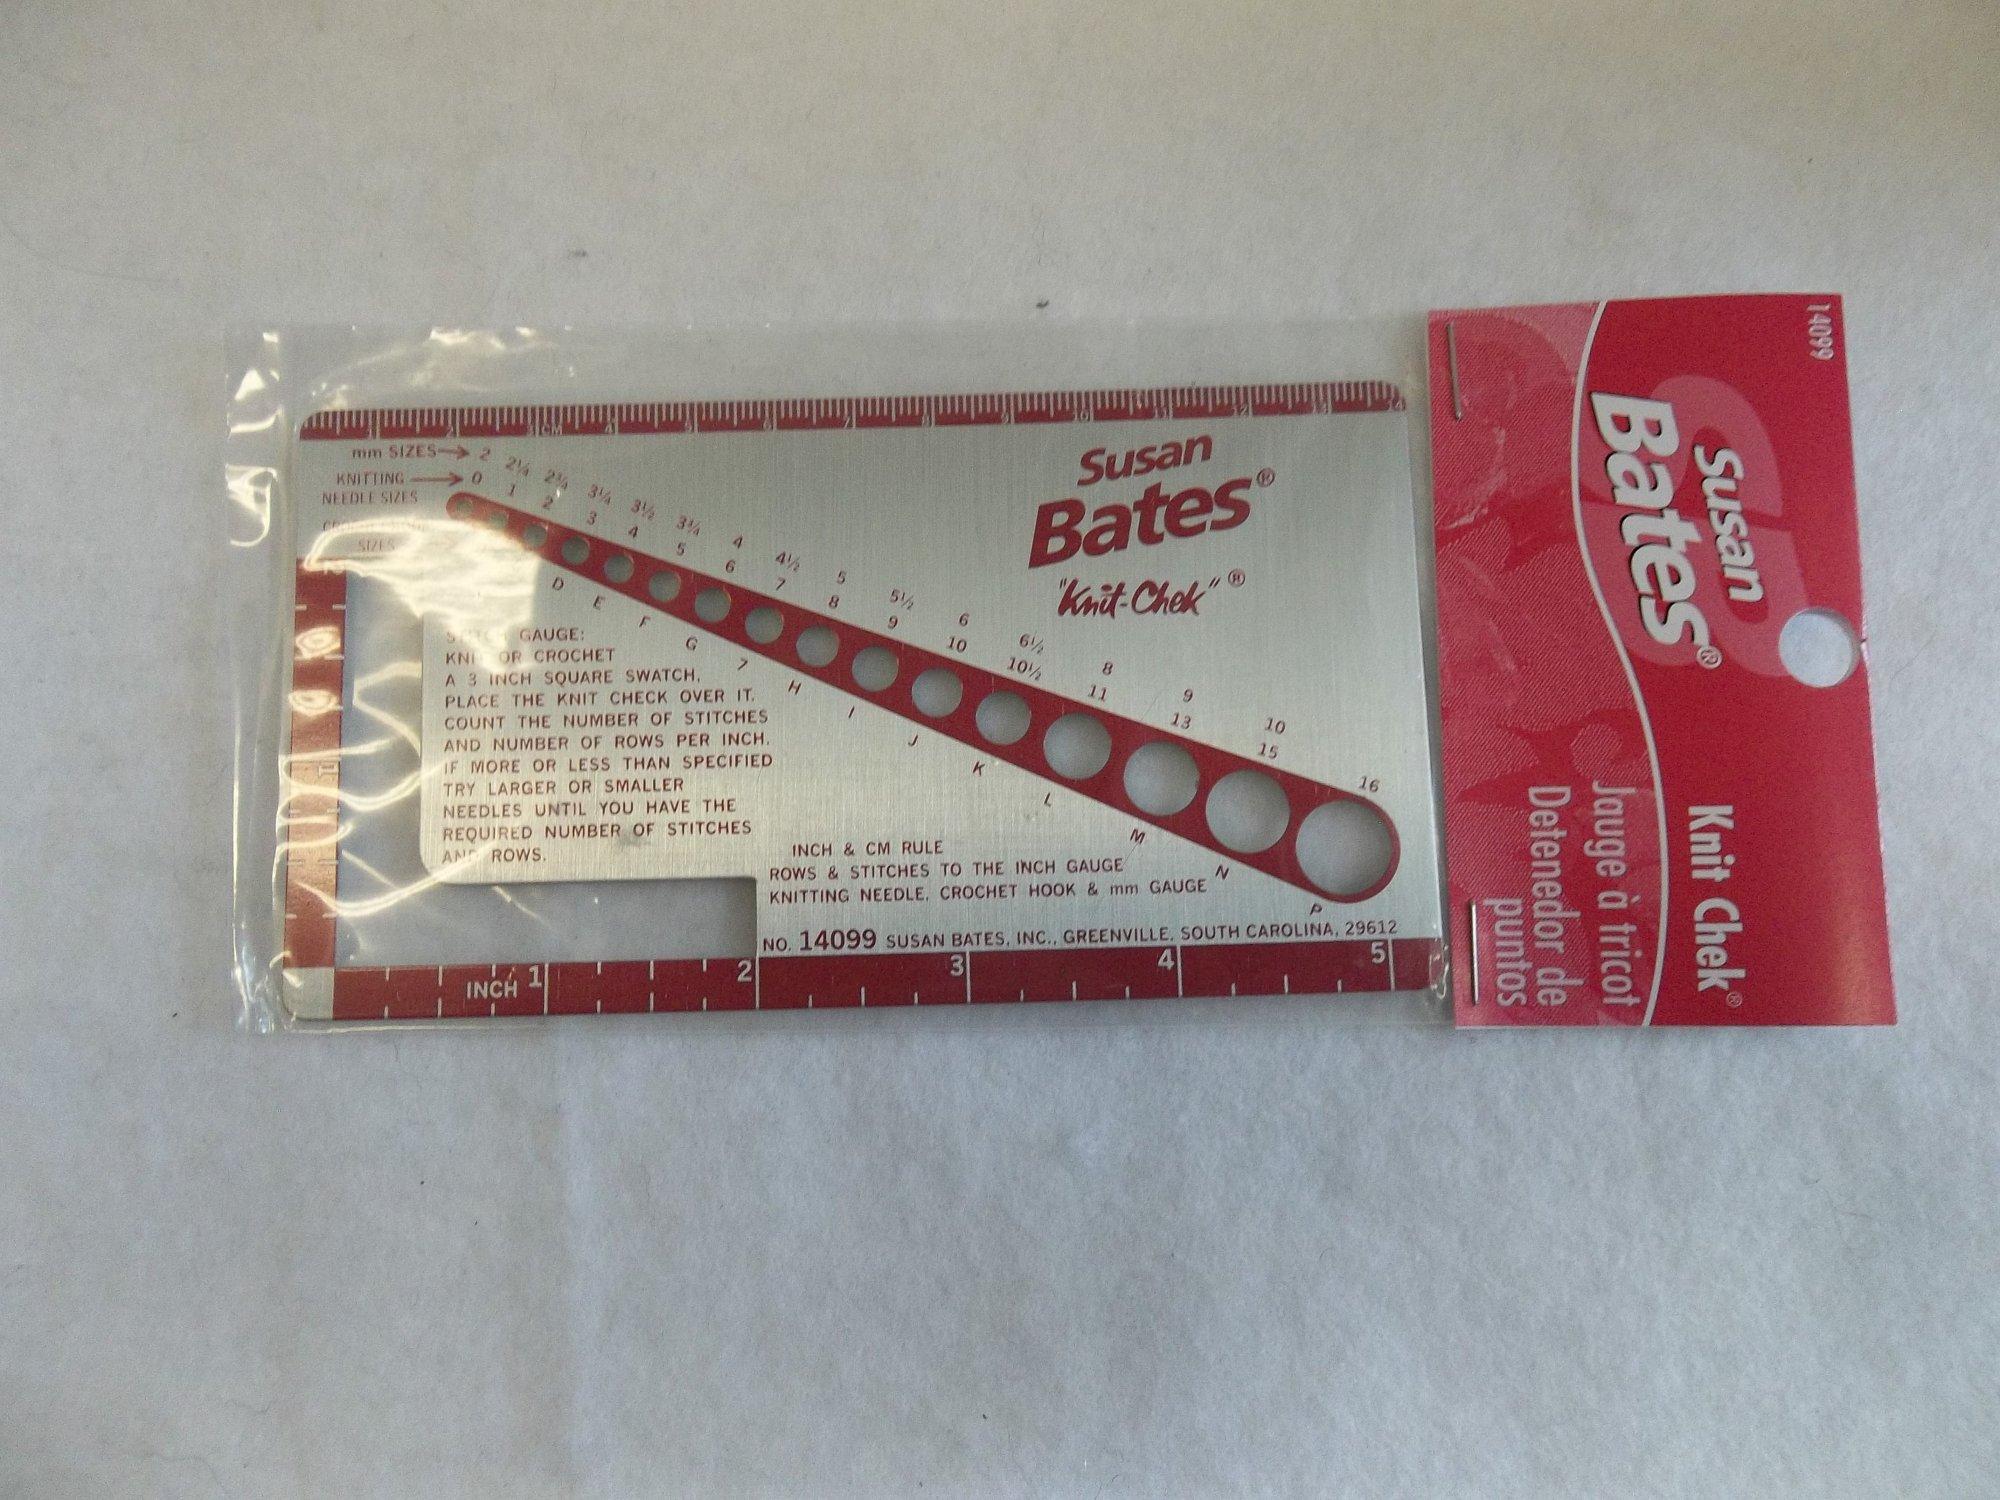 Knit Chek by Susan Bates - 14099